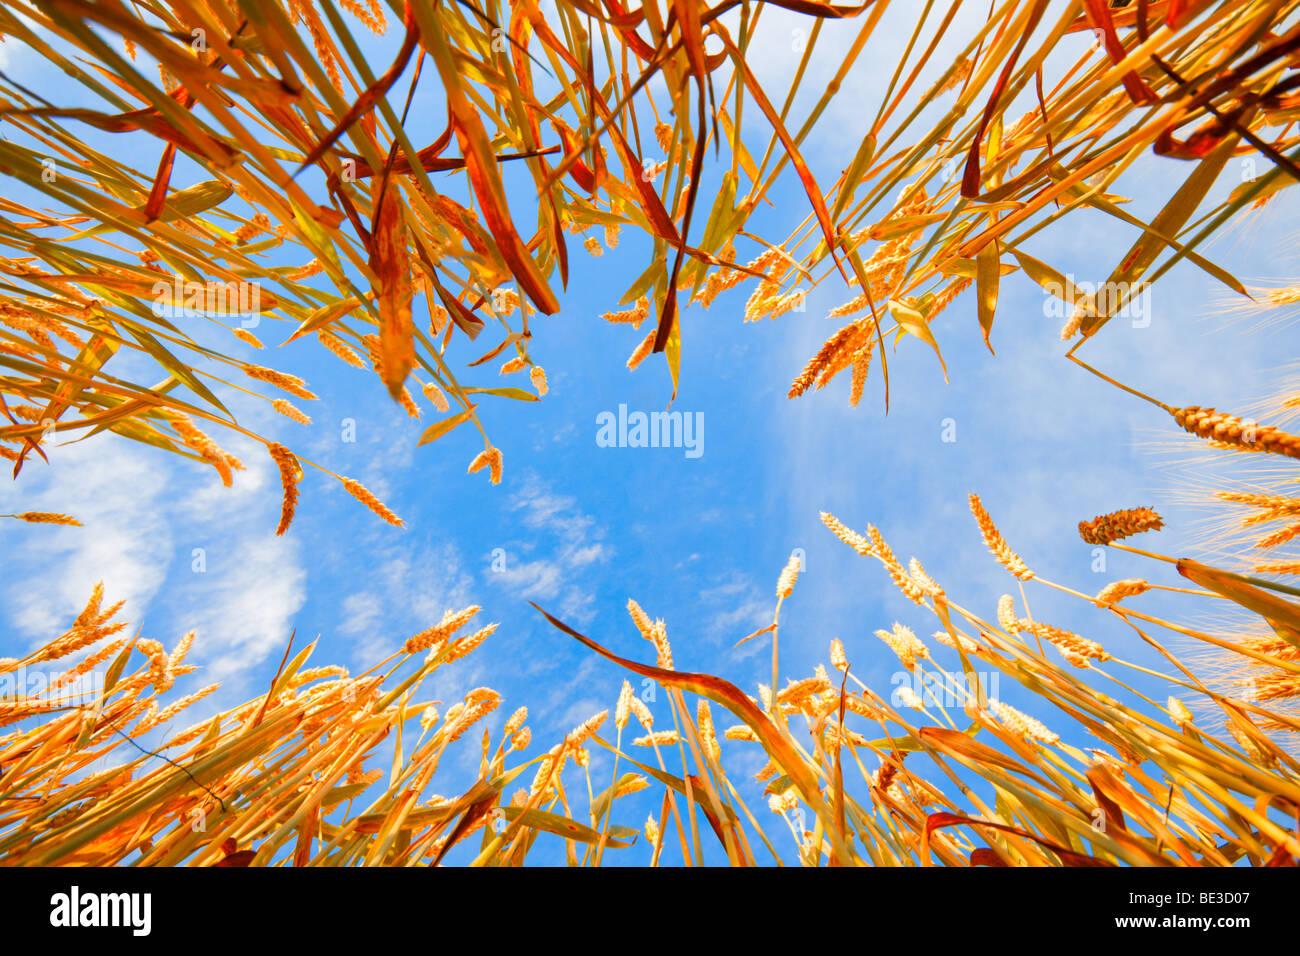 Les tiges de blé avec pans de ciel Photo Stock